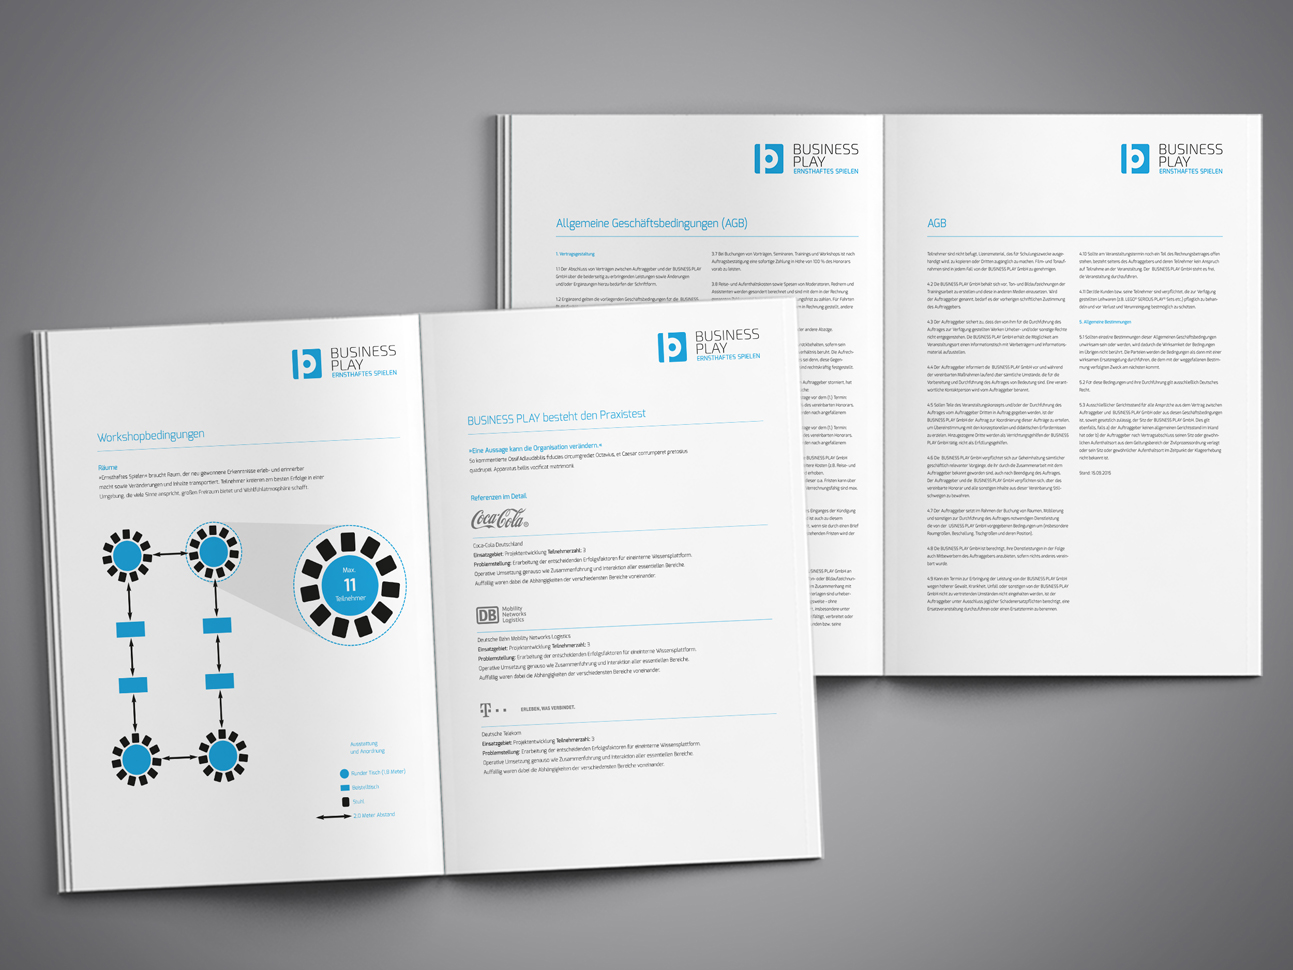 martin zech design, corporate-design, business play,